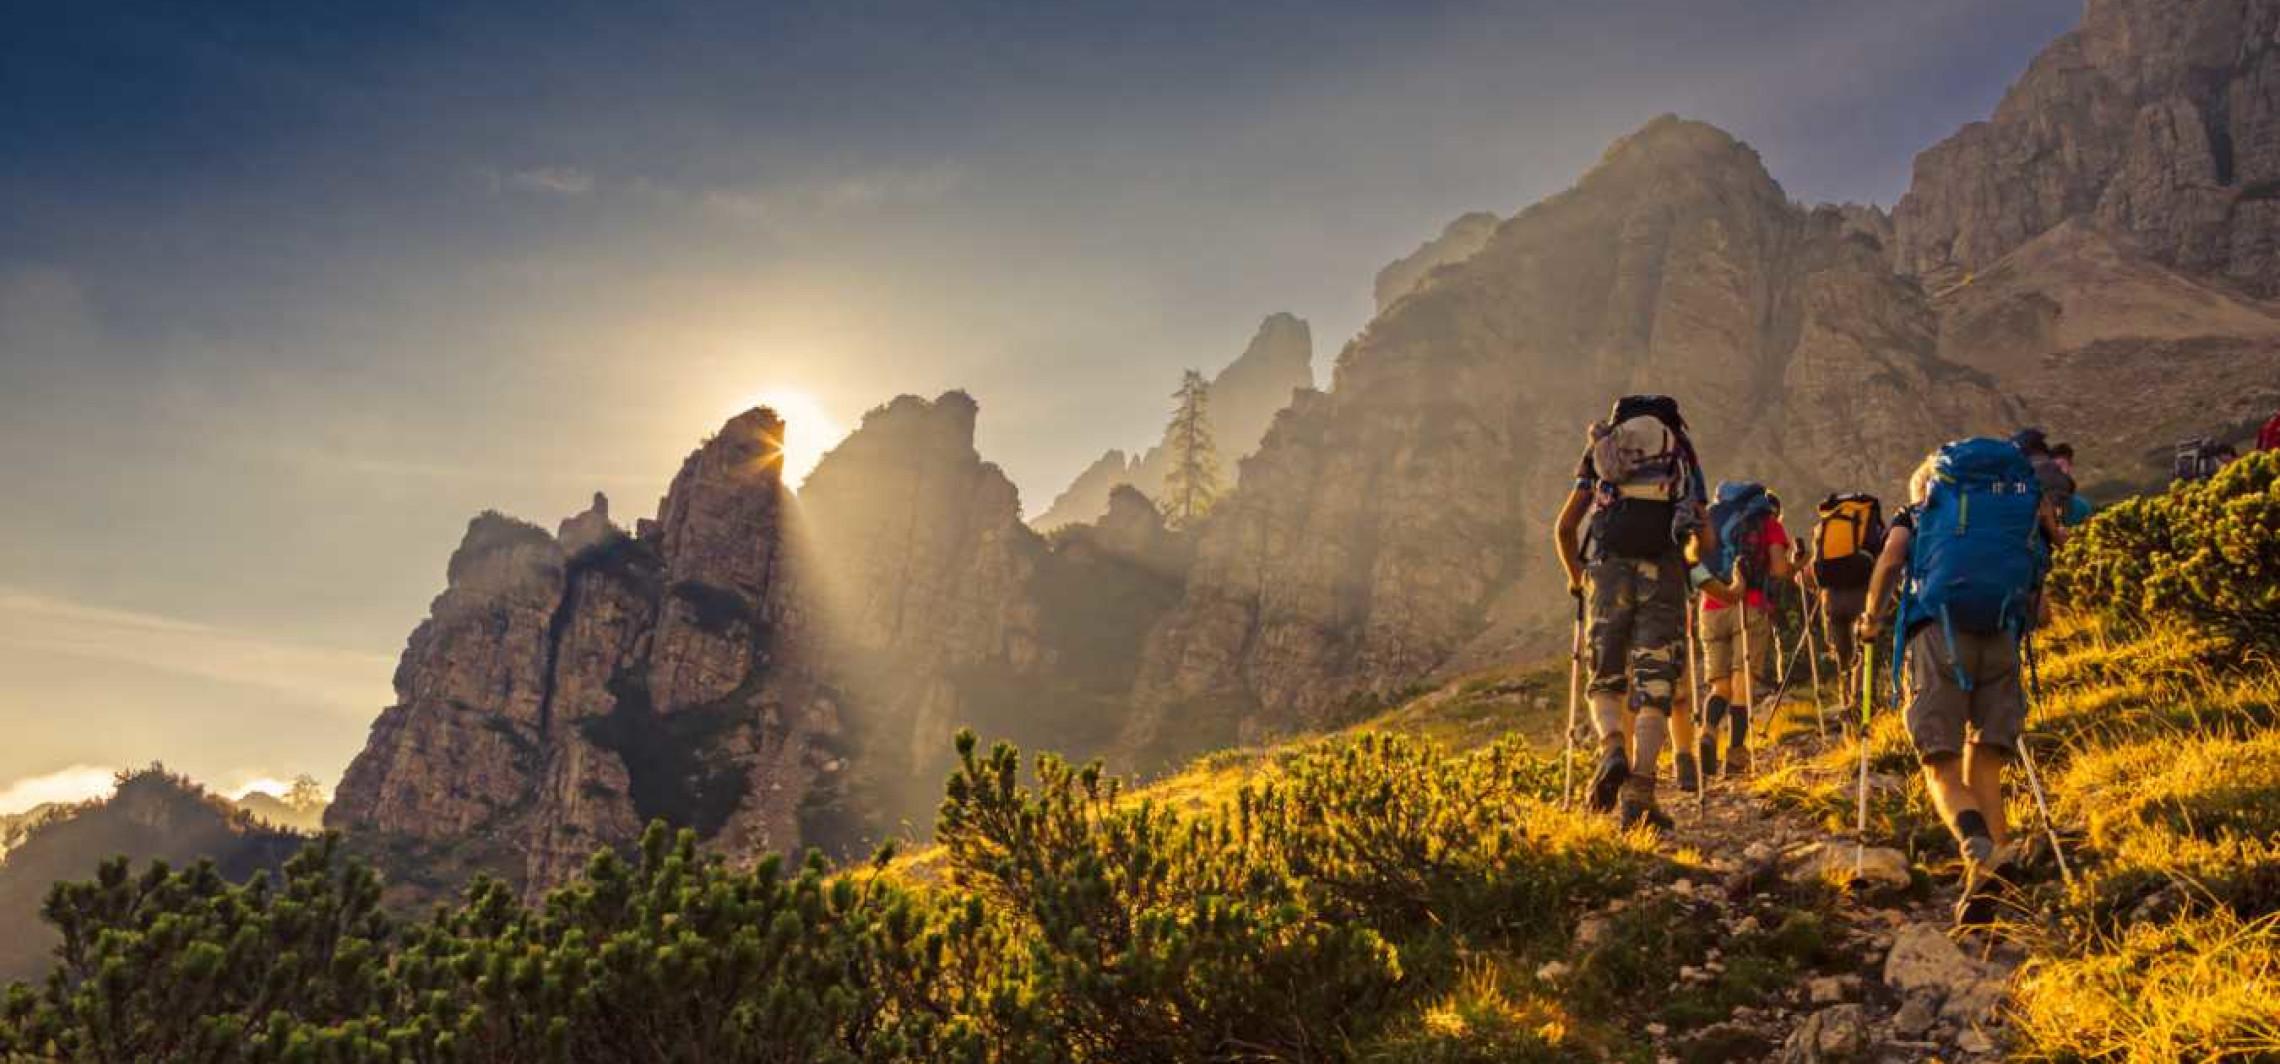 Region - Jak przygotować się do wygodnych i bezpiecznych trekkingów?